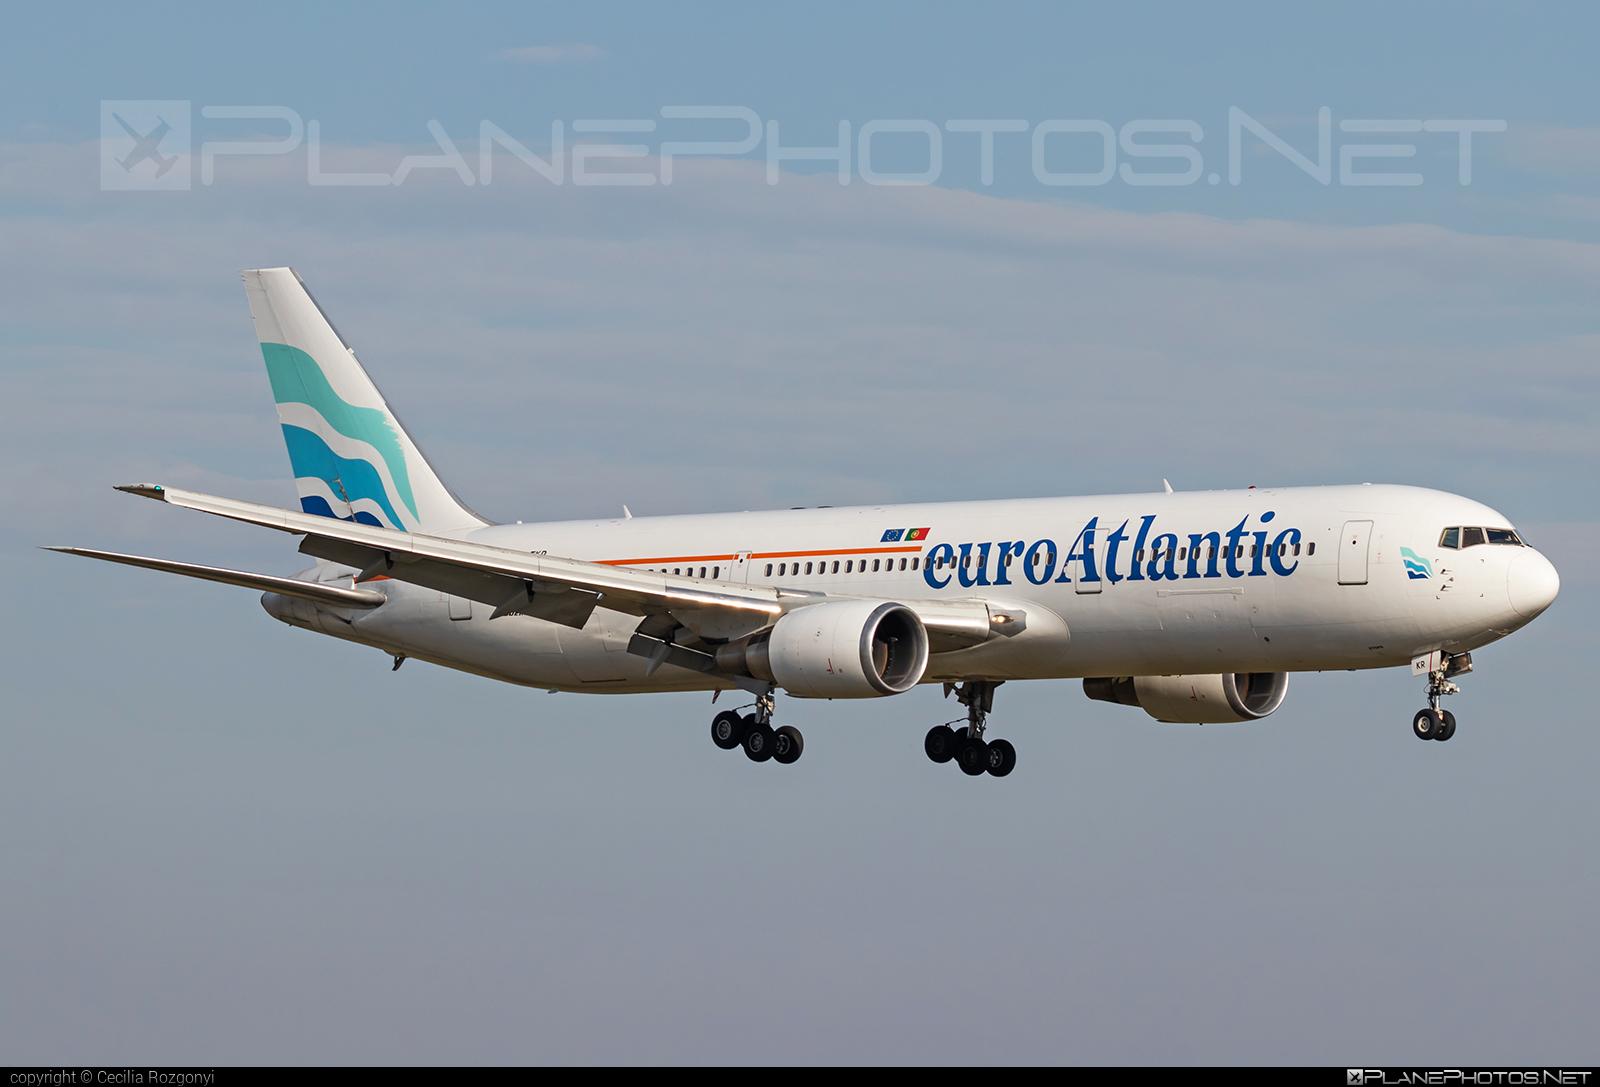 Boeing 767-300ER - CS-TKR operated by EuroAtlantic Airways #b767 #b767er #boeing #boeing767 #euroatlantic #euroatlanticairways